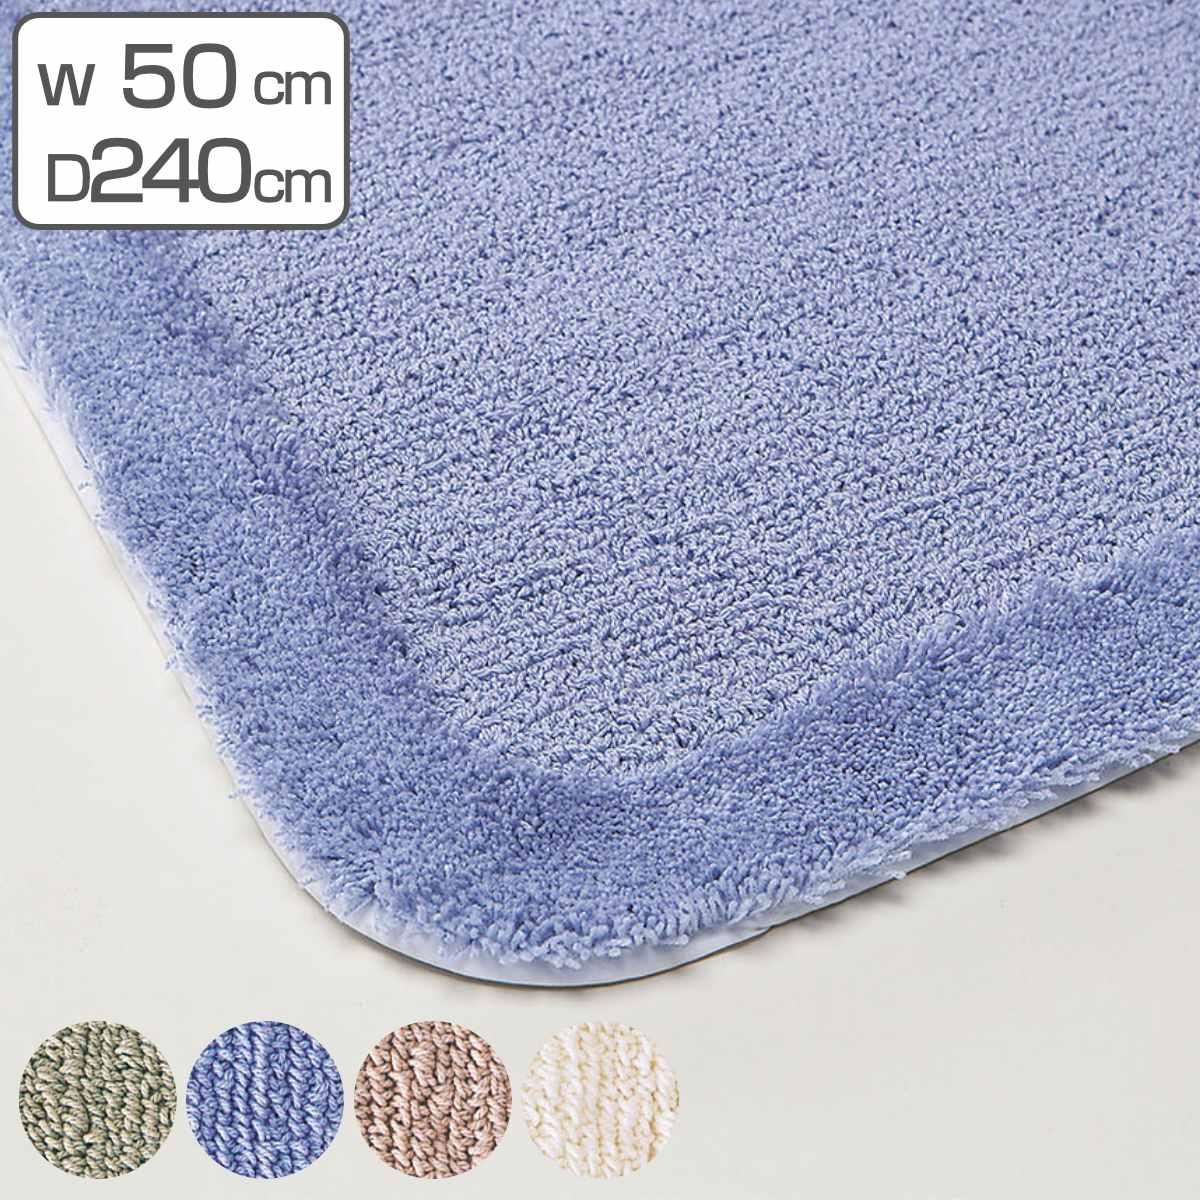 バスマット業務用 吸水ループパイル ノンスリップ抗菌仕様 50×240  ( 足拭き 風呂マット 送料無料 )